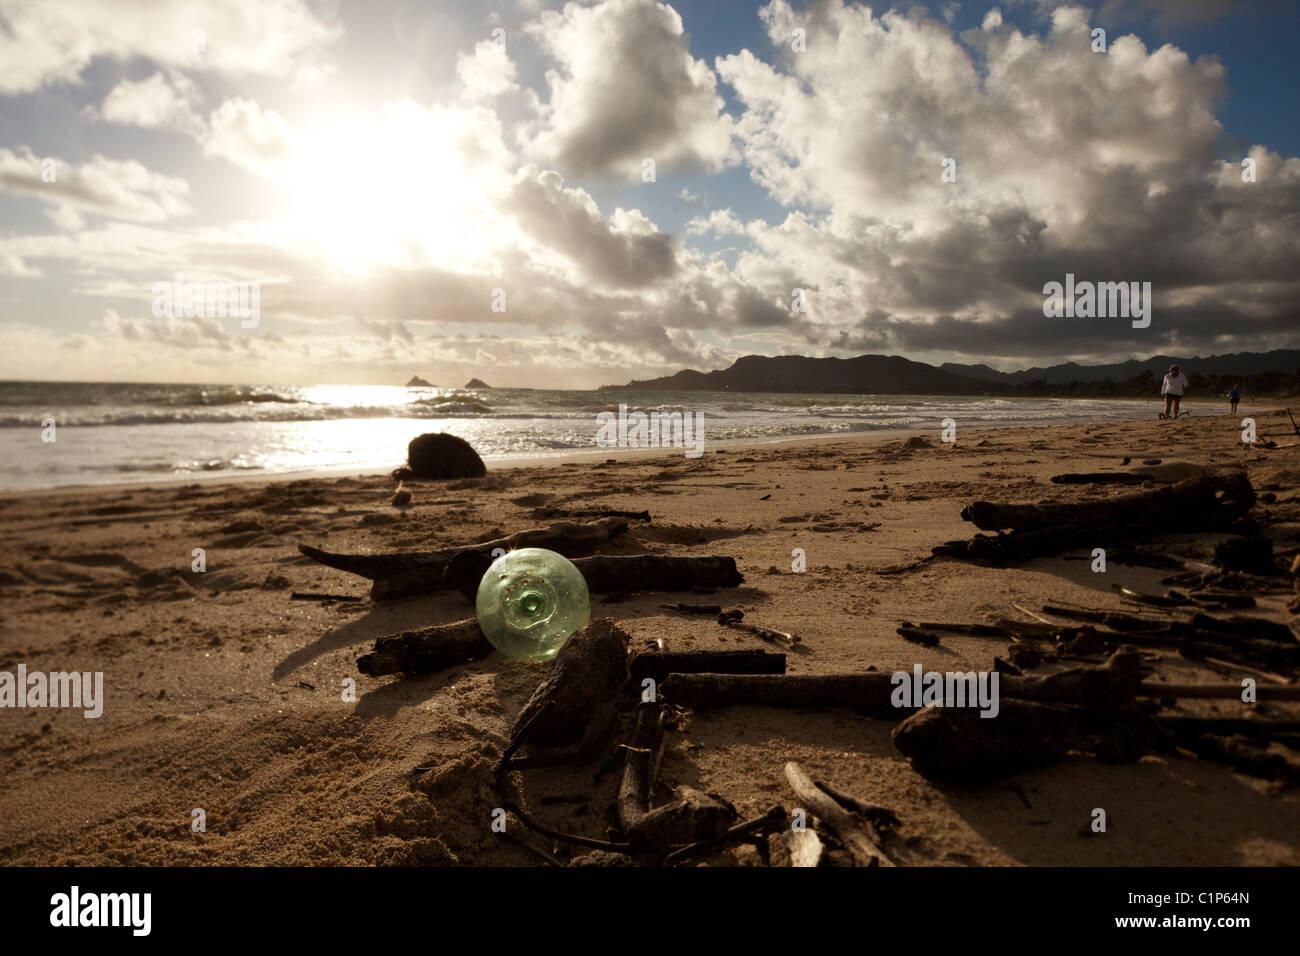 Kailua Beach Stock Photos & Kailua Beach Stock Images - Alamy